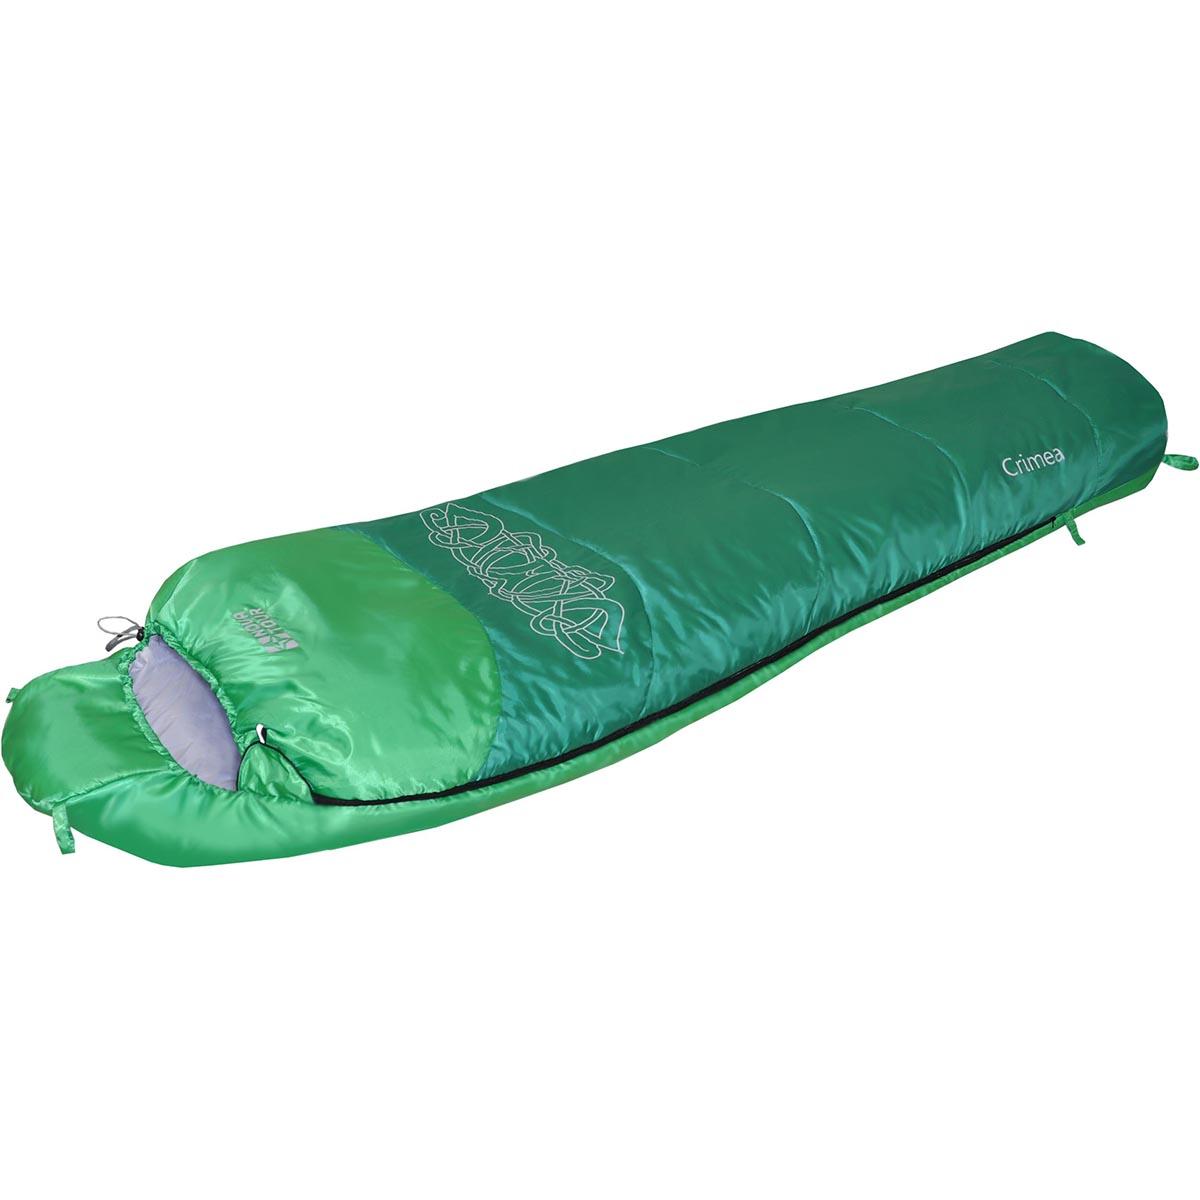 Мешок спальный NOVA TOUR Крым +10 V2, цвет: зеленый, белый, левосторонняя молния95425-314-LeftОсновное отличие летнего спальника от зимнего - это тонкий слой утеплителя. В случае со спальником NOVA TOUR Крым +2 V2 - это HollowFiber. Тот самый, который полиэстровый, гипоаллергенный, хорошо переносит влажные условия и быстро сохнет. Для того, чтобы он быстро сох вшиты удобные петли, позволяющие развешивать спальник в открытом состоянии на дереве или палатке. В компрессионном чехле летний спальник компактен, весит всего 1 кг, а значит, для него найдется место даже в малолитражном рюкзаке. При выборе летнего спальника стоит обратить внимание и на внутреннюю ткань, которая будет прилегать к телу. В летнем спальнике NOVA TOUR Крым +2 V2 она выполнена из натуральных тканей (дабы тело не запревало, не липло и не раздражалось), ткань приятна на ощупь и обладает дышащими свойствами. В спальнике эту функцию на себя взяла ткань pongee polyester. Внутри летнего спальника есть карман-сеточка для мелкой ночной атрибутики, теперь не нужно ломать голову, куда...